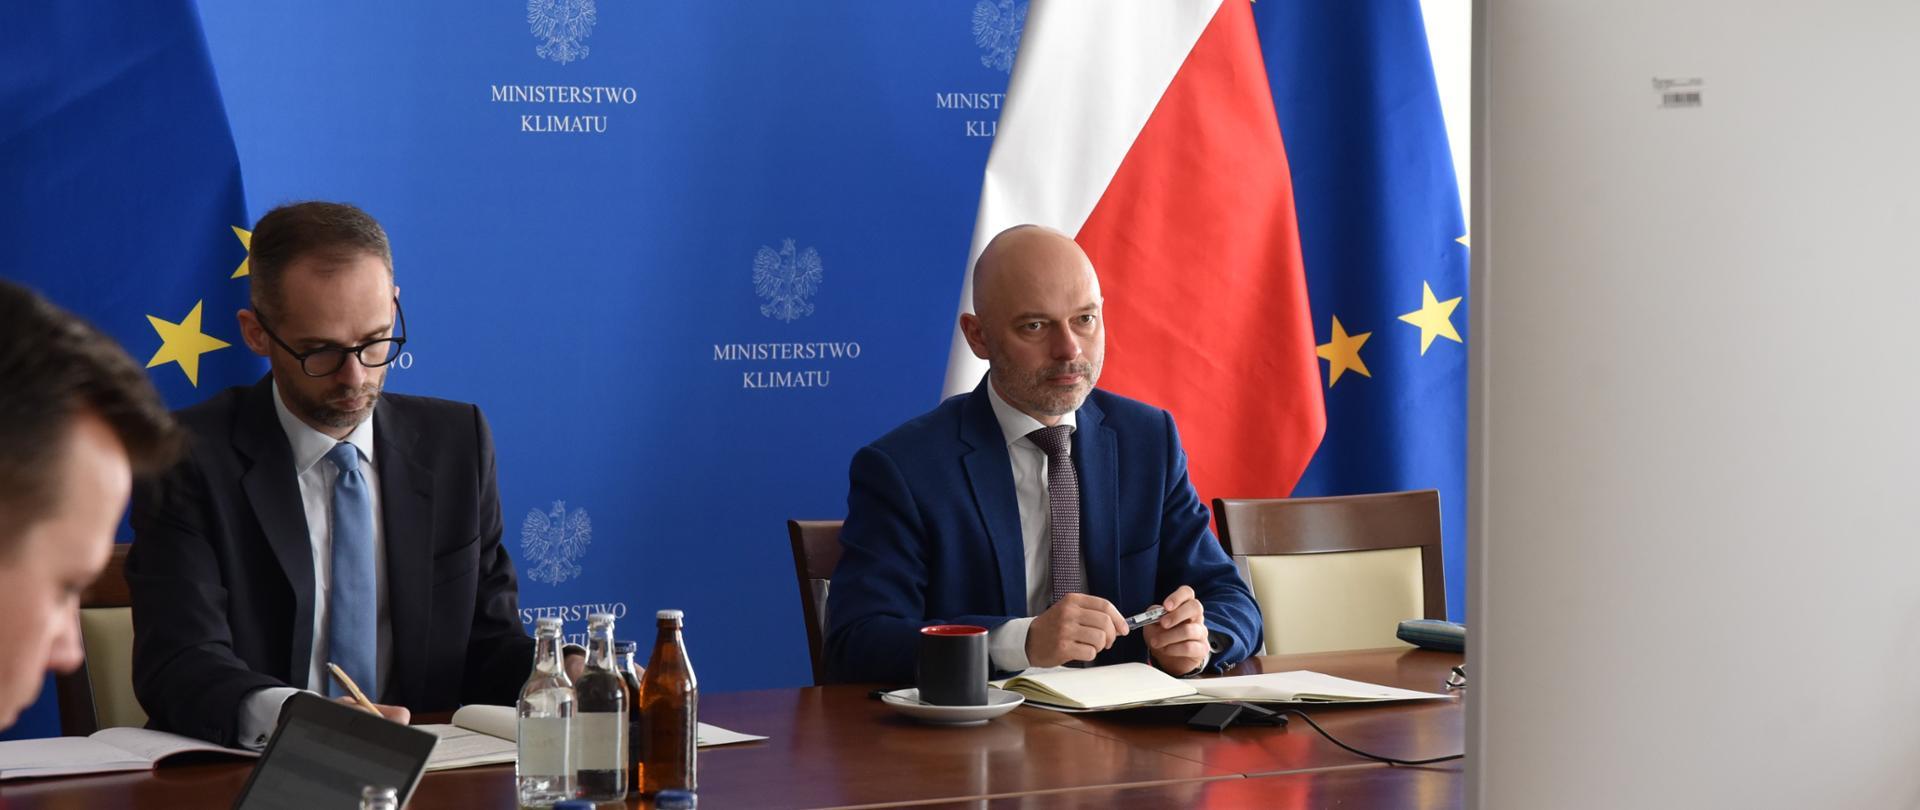 Minister klimatu Michał Kurtyka i wiceminister klimatu Adam Guibourgé-Czetwertyński na spotkaniu ministrów ds. środowiska i klimatu V4+